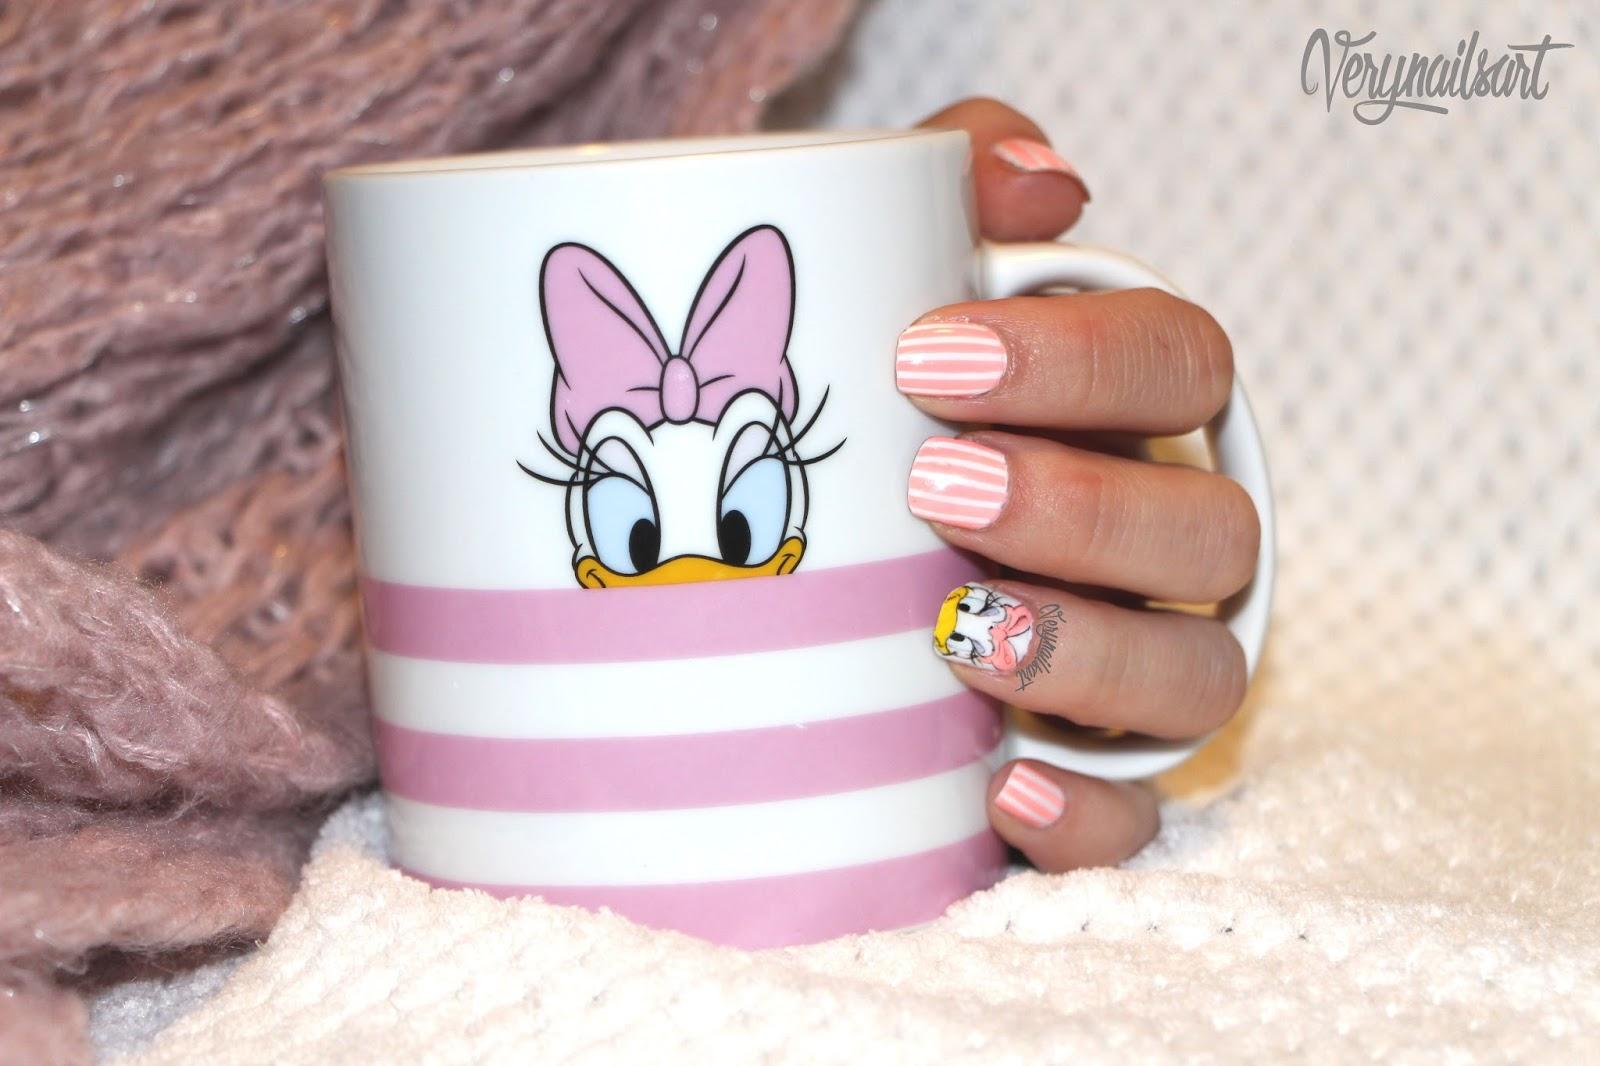 Uñas Decoradas Con Personajes De Disney Daisy Verynailsart